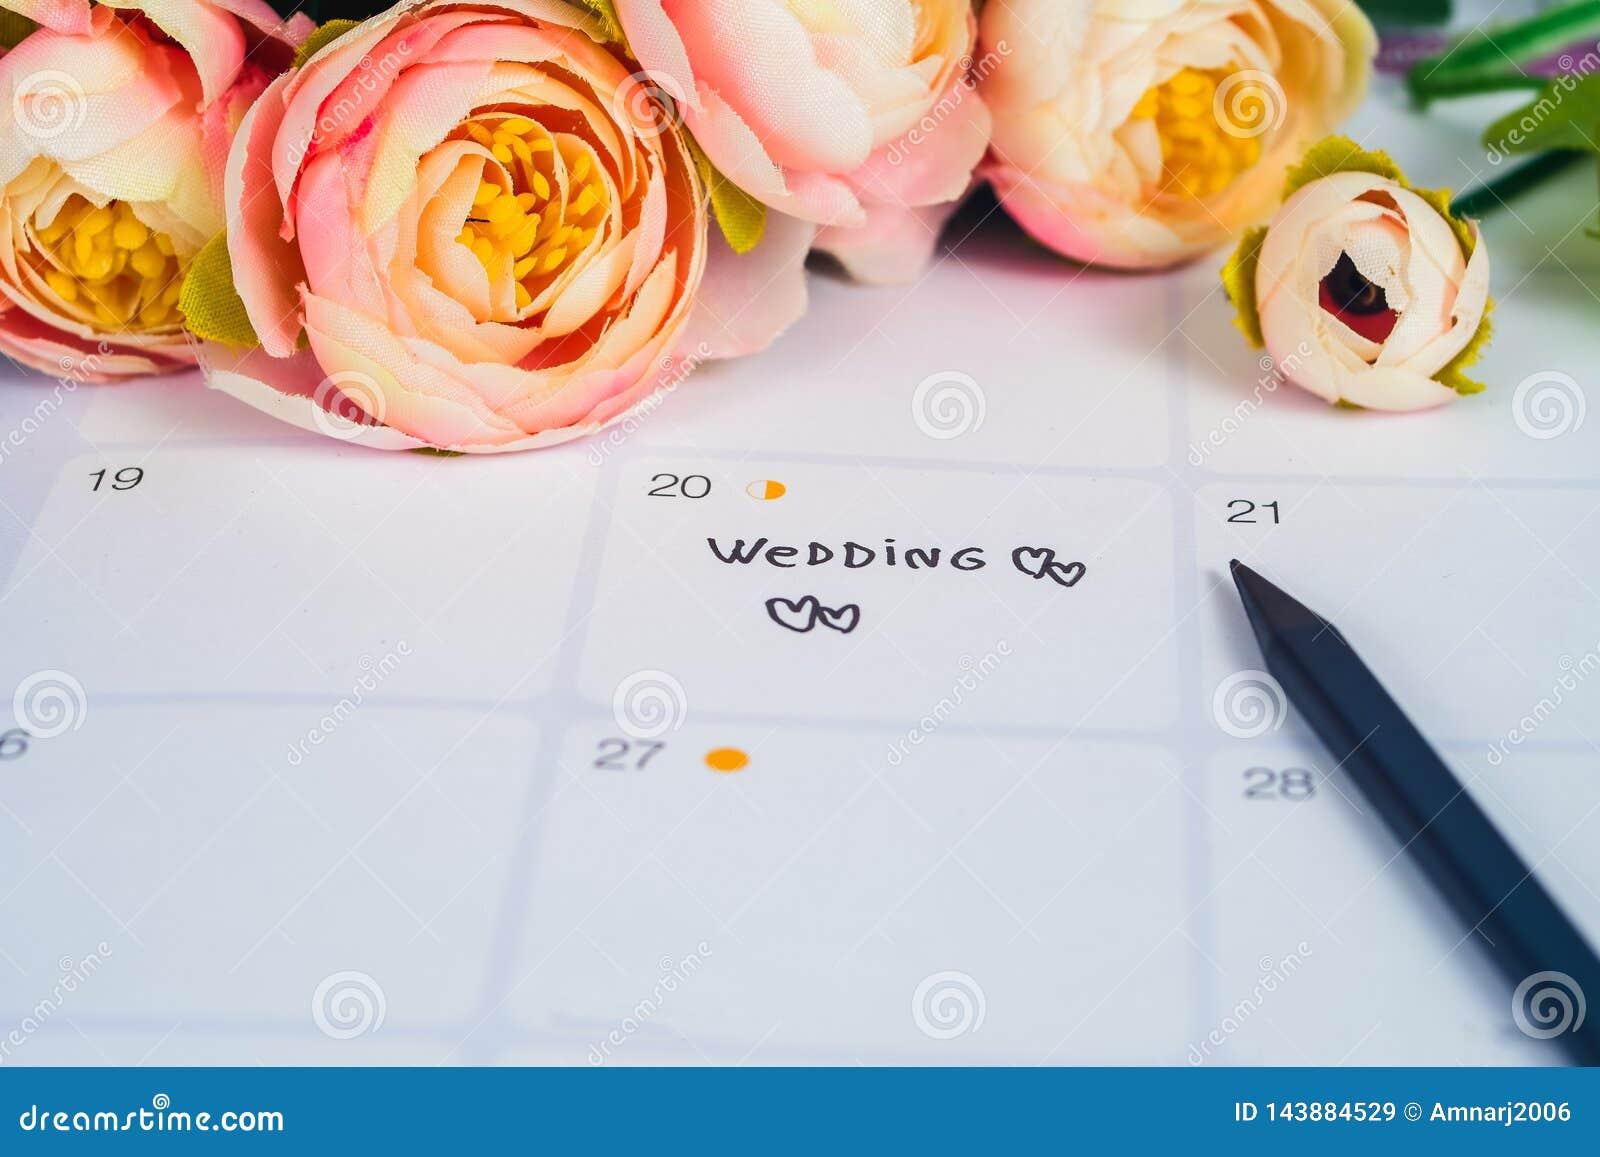 Word Wedding to Reminder Wedding day in calendar planning